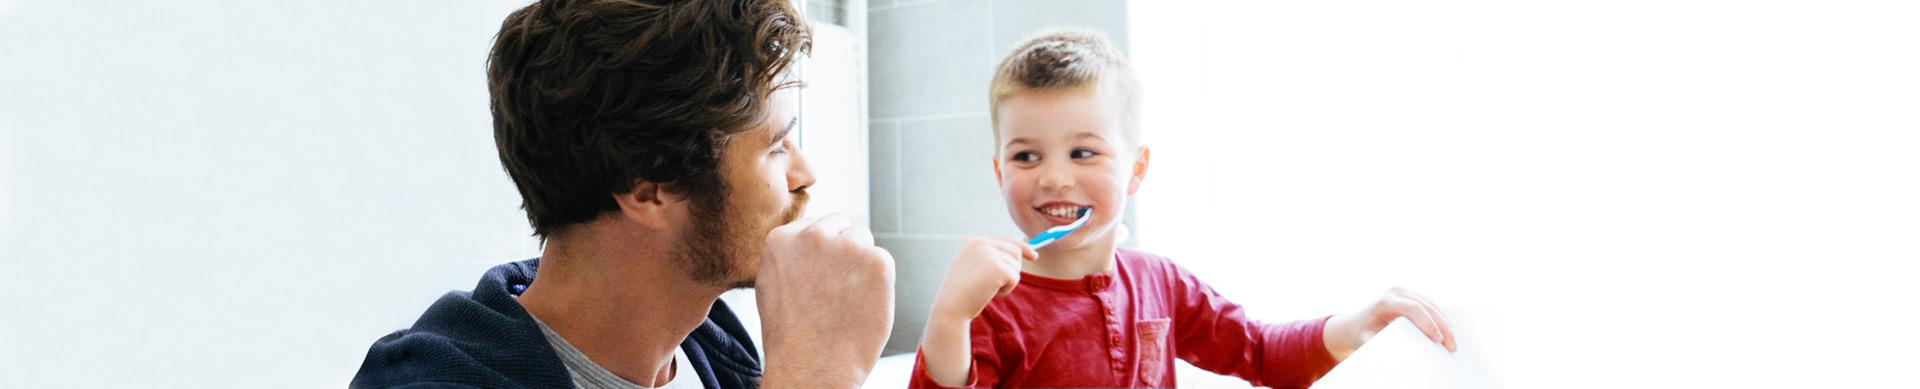 IZA vergoeding tandarts voor kinderen onder de 18